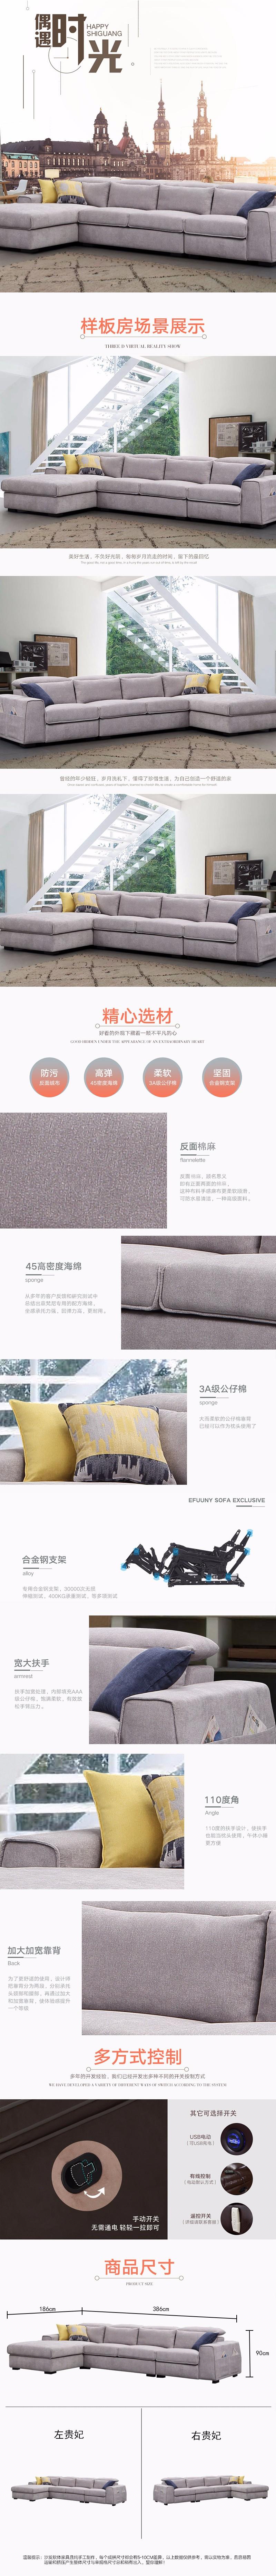 830小戶型沙發客廳布藝沙發組合時尚沙發.jpg